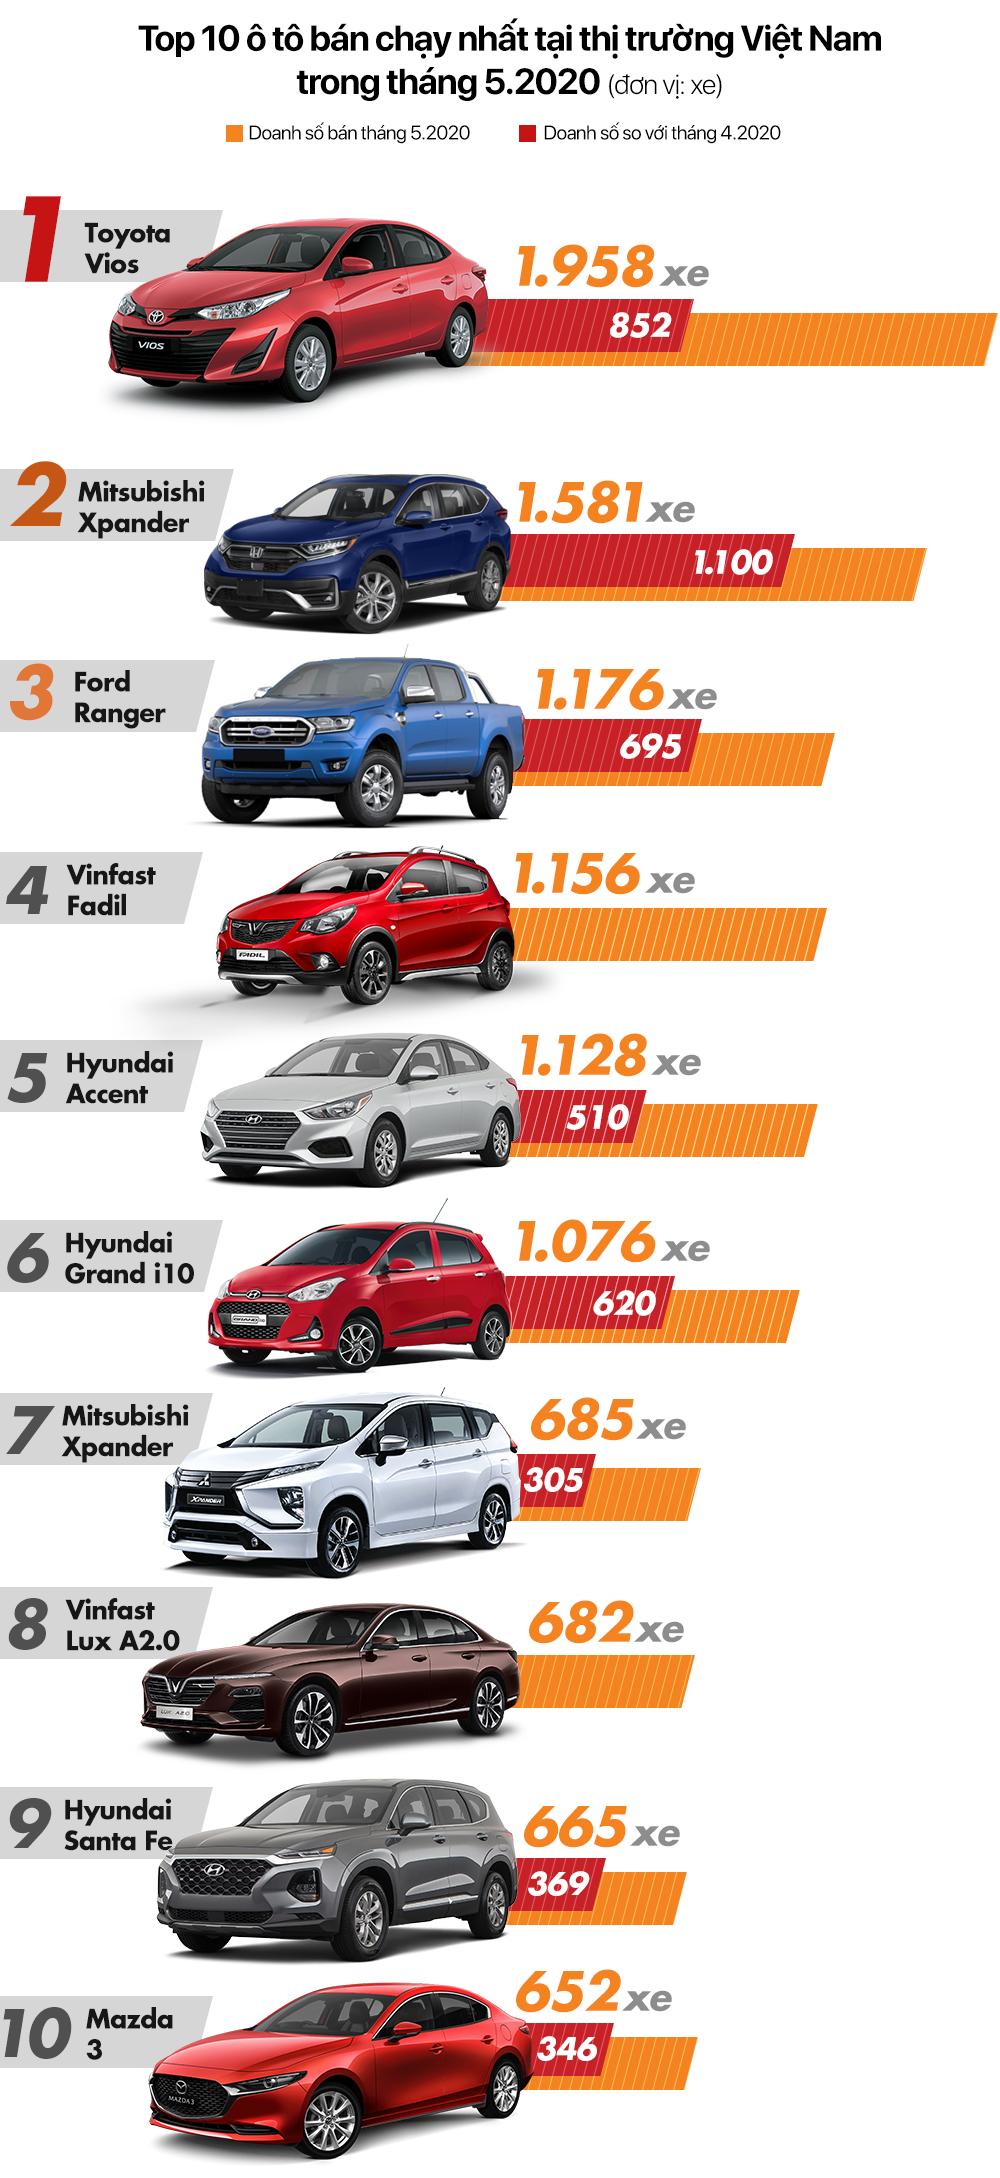 Top 10 ô tô bán chạy nhất Việt Nam tháng 5/2020: VinFast độc chiếm bảng xếp hạng - Ảnh 1.